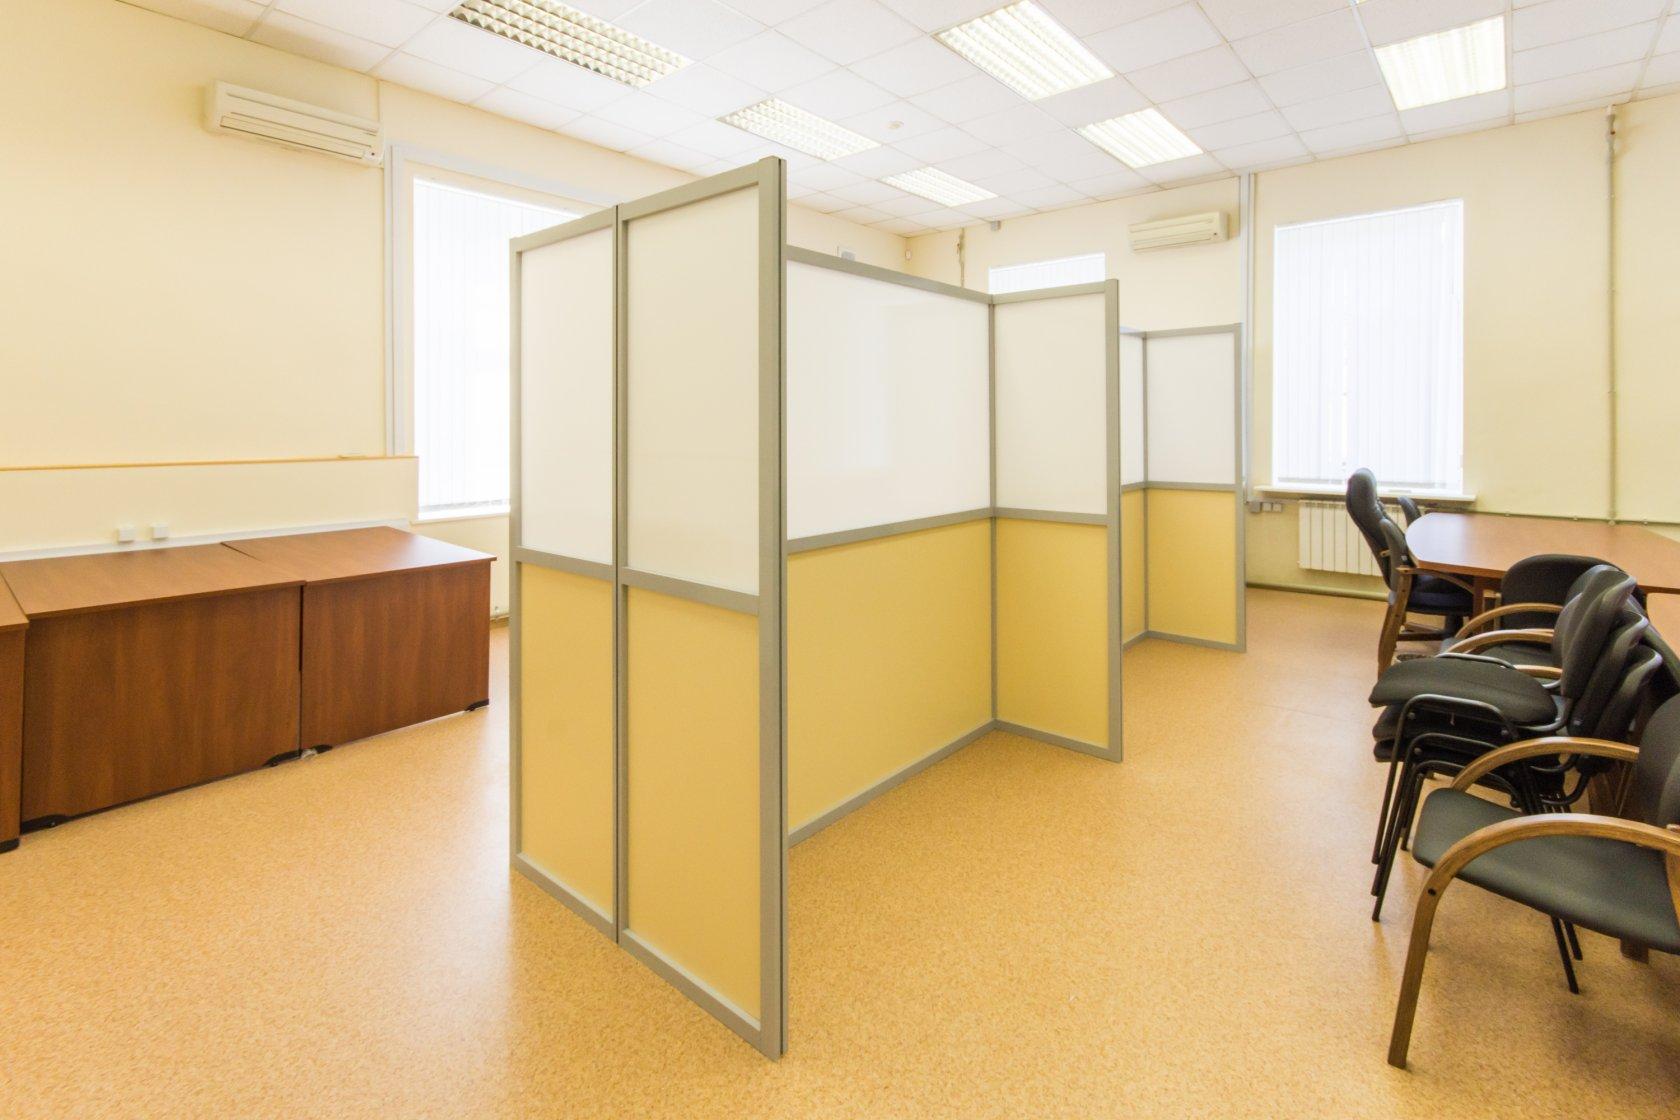 Замена деревянных окон на окна ПВХ: каковы преимущества?